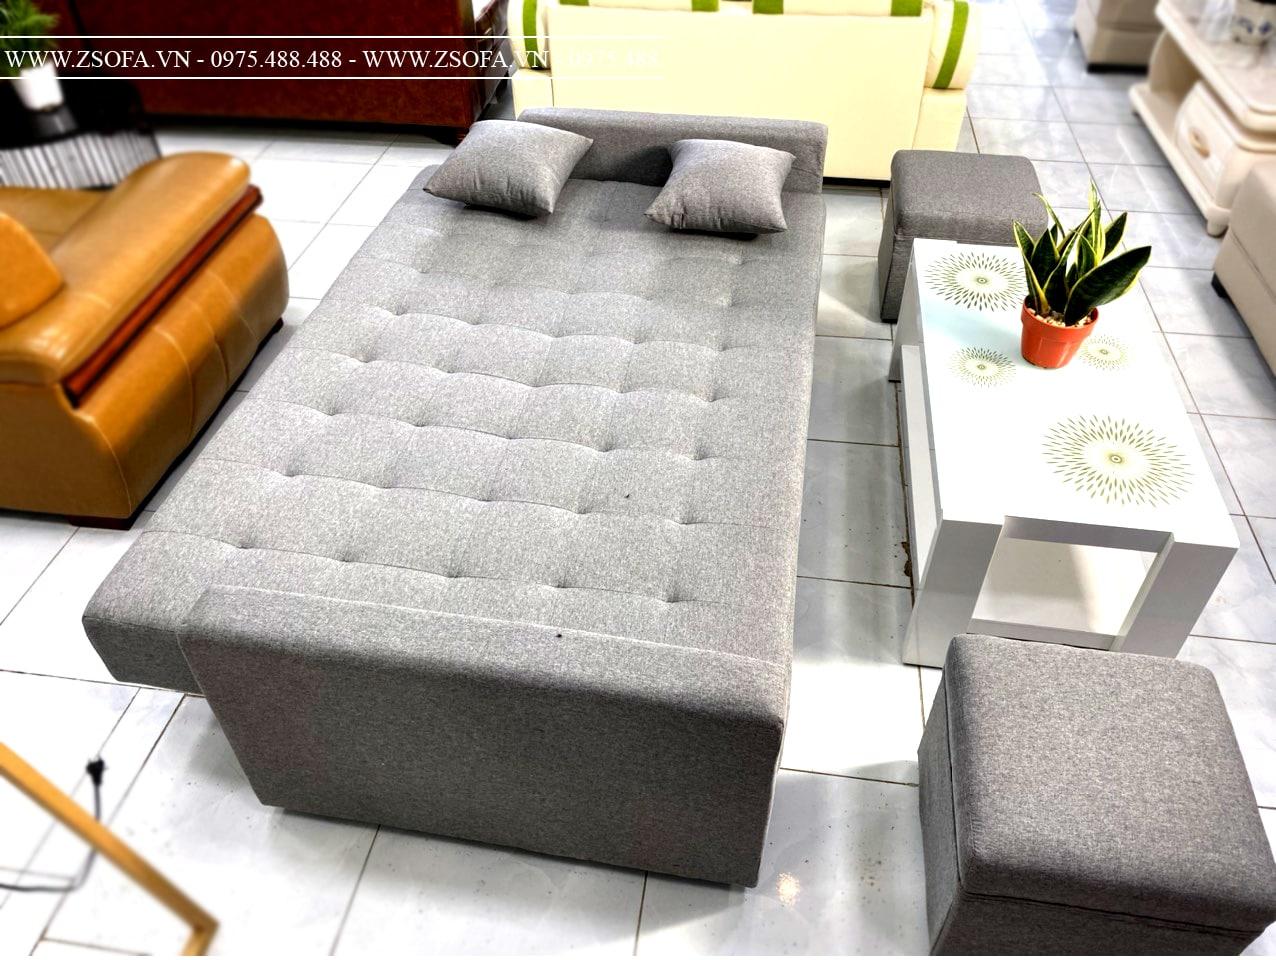 Ghế nệm giường xếp phòng khách tốt nhất